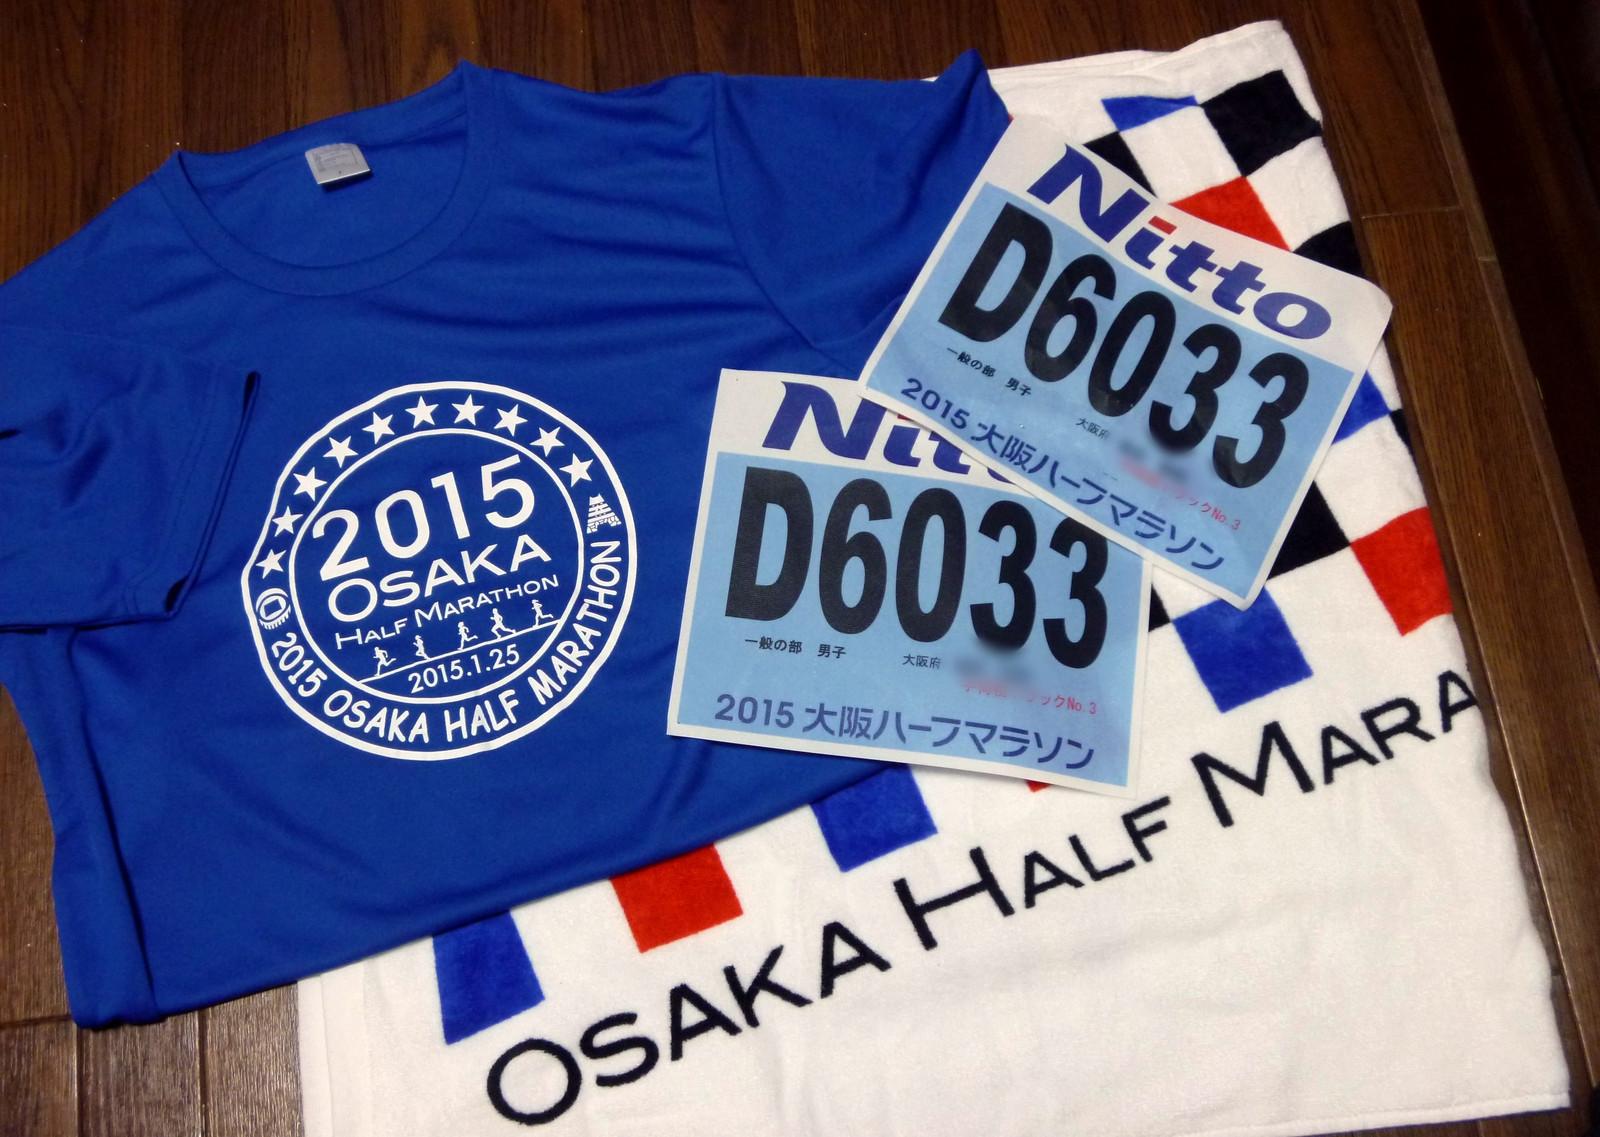 Osakahalf2015